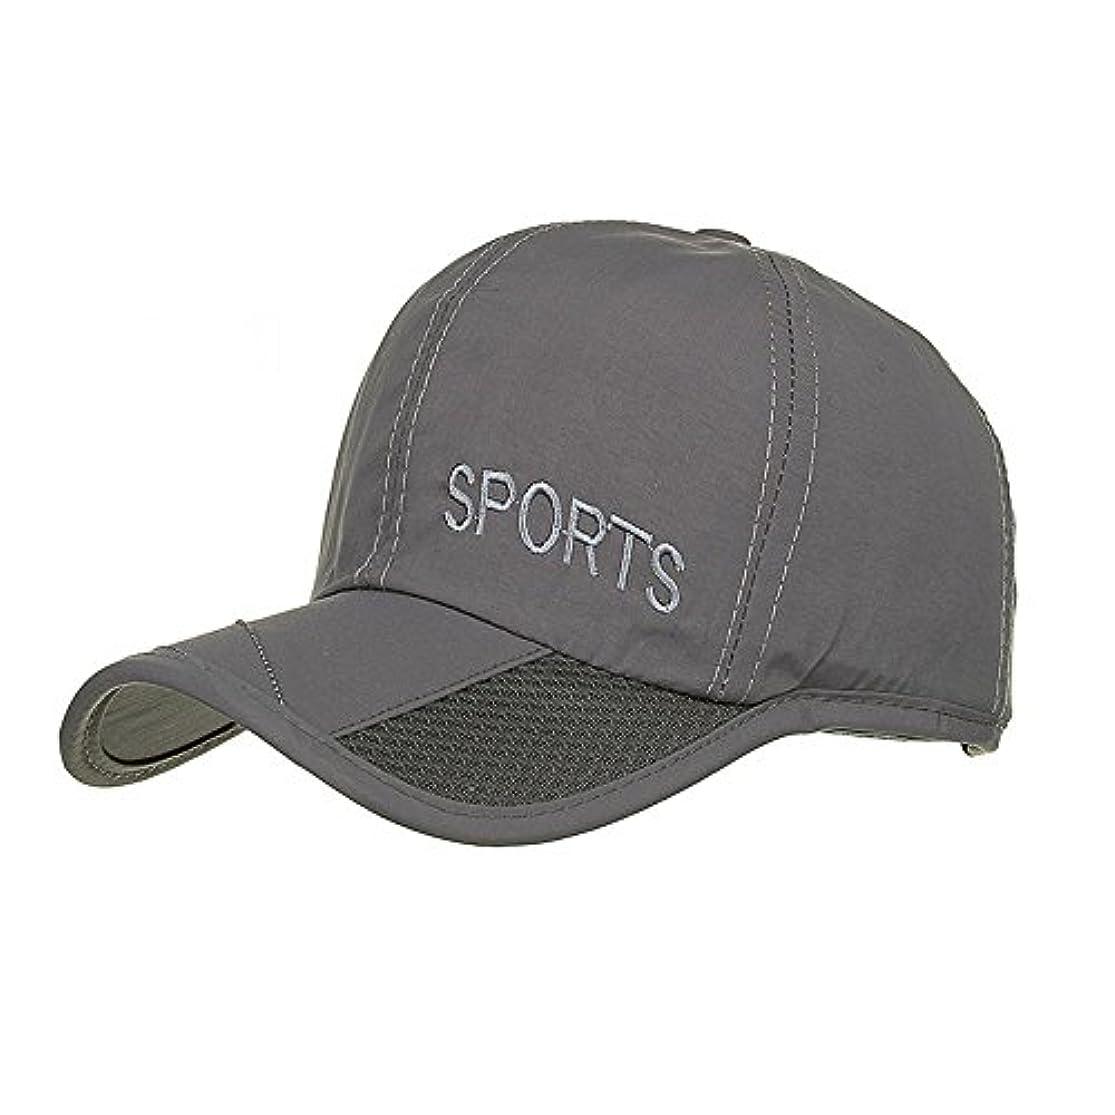 ソブリケットやりすぎダッシュRacazing Cap 男女兼用 野球帽 夏 登山 通気性のある メッシュ 帽子 ベルクロ 可調整可能 刺繍 棒球帽 UV 帽子 軽量 屋外 Unisex Hat (グレー)